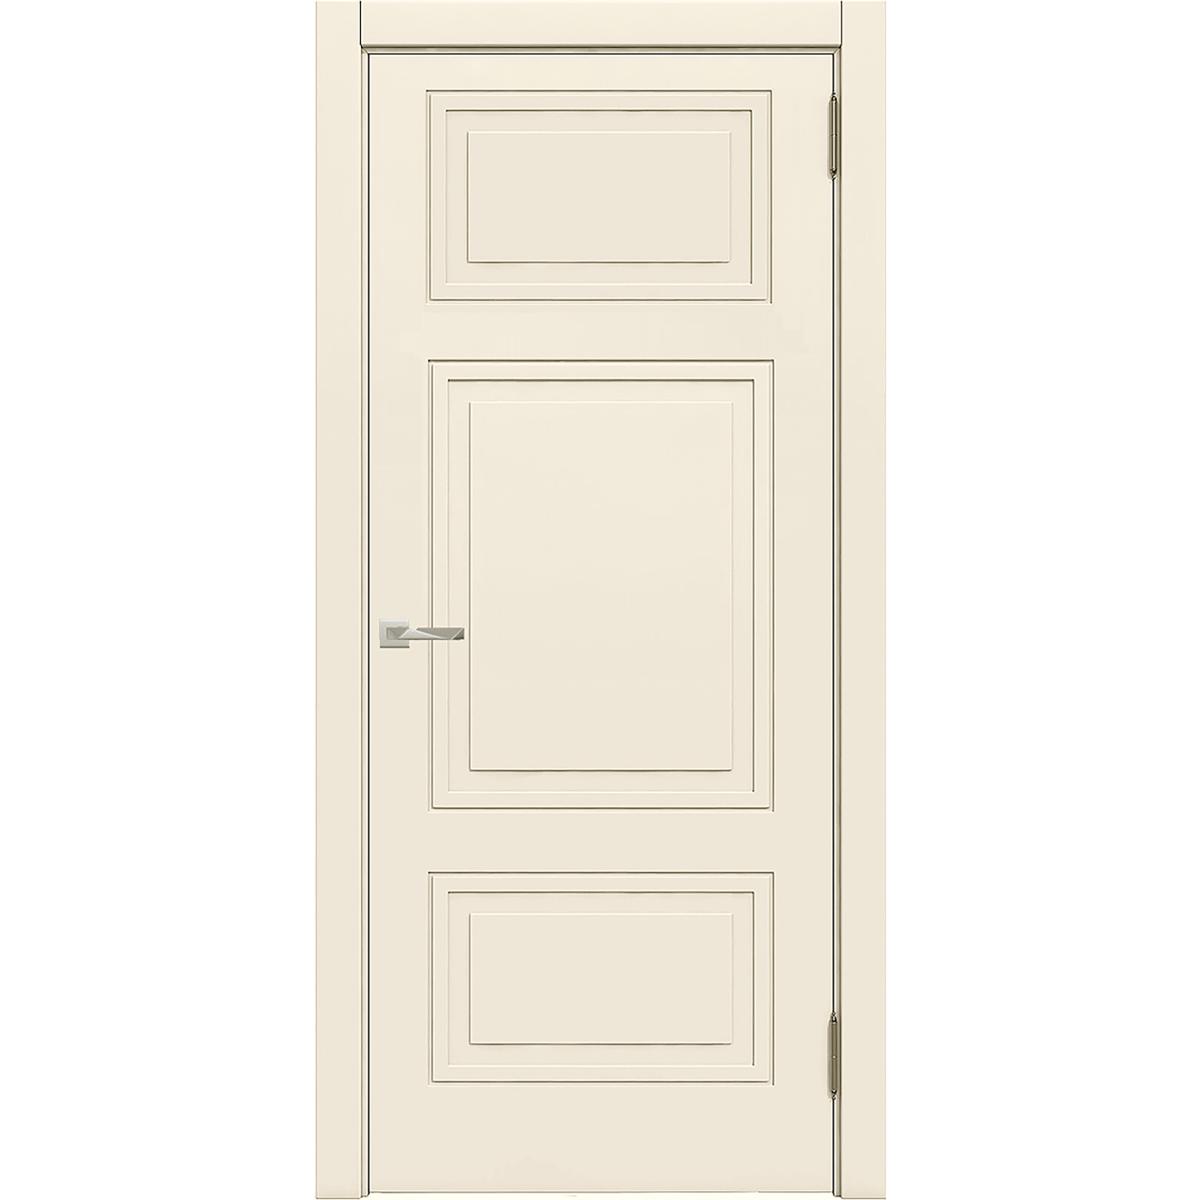 Дверное полотно Loyard Париж МП_0360 2000х800х44 мм МДФ